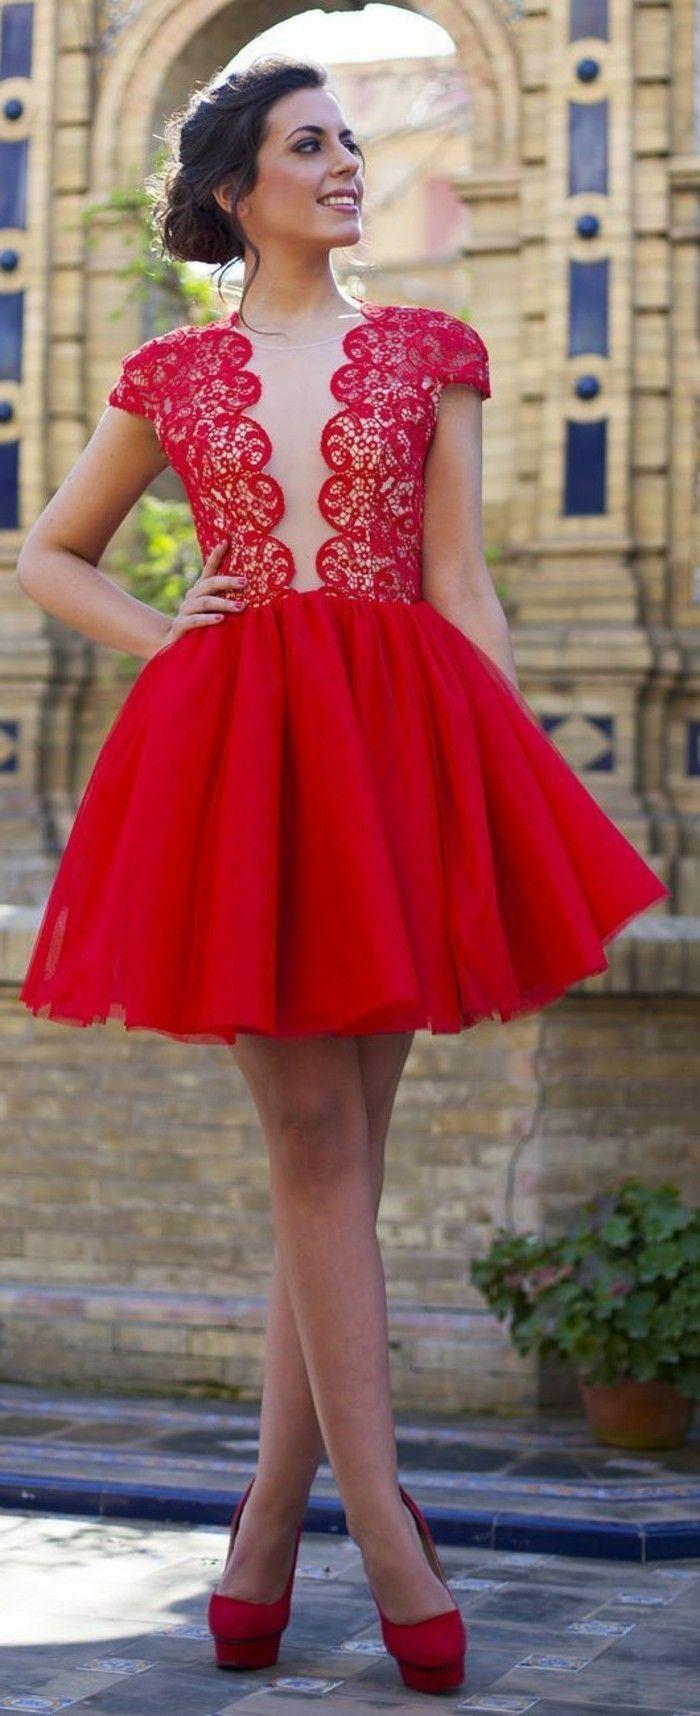 kleid festlich rotes kurzes kleid mit spitze schuhe mit hohen